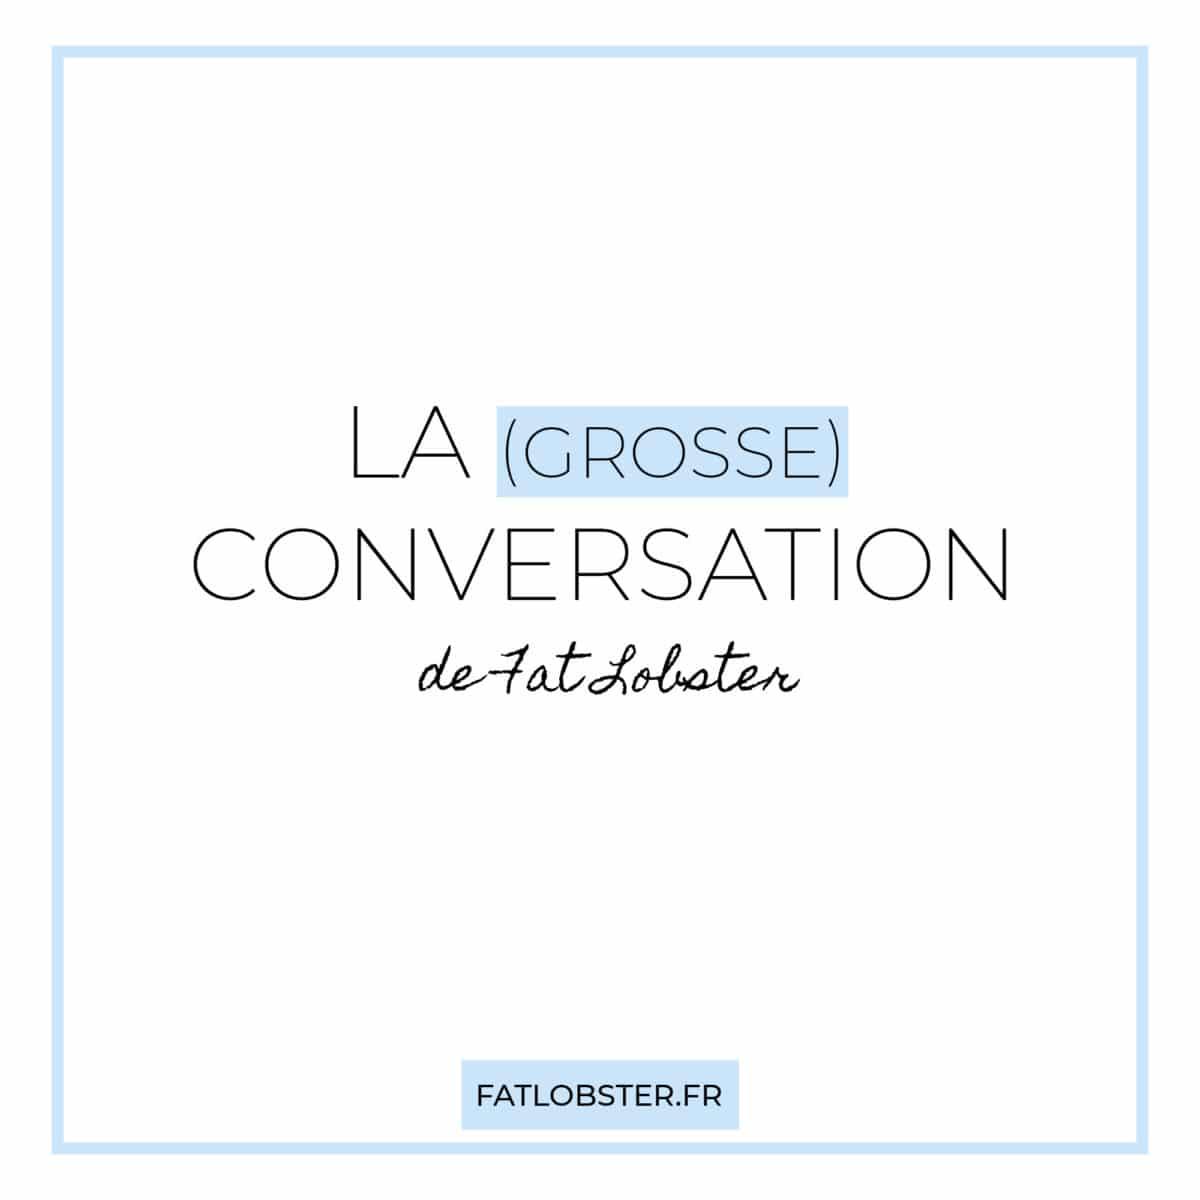 Bande Annonce pour La Grosse Conversation